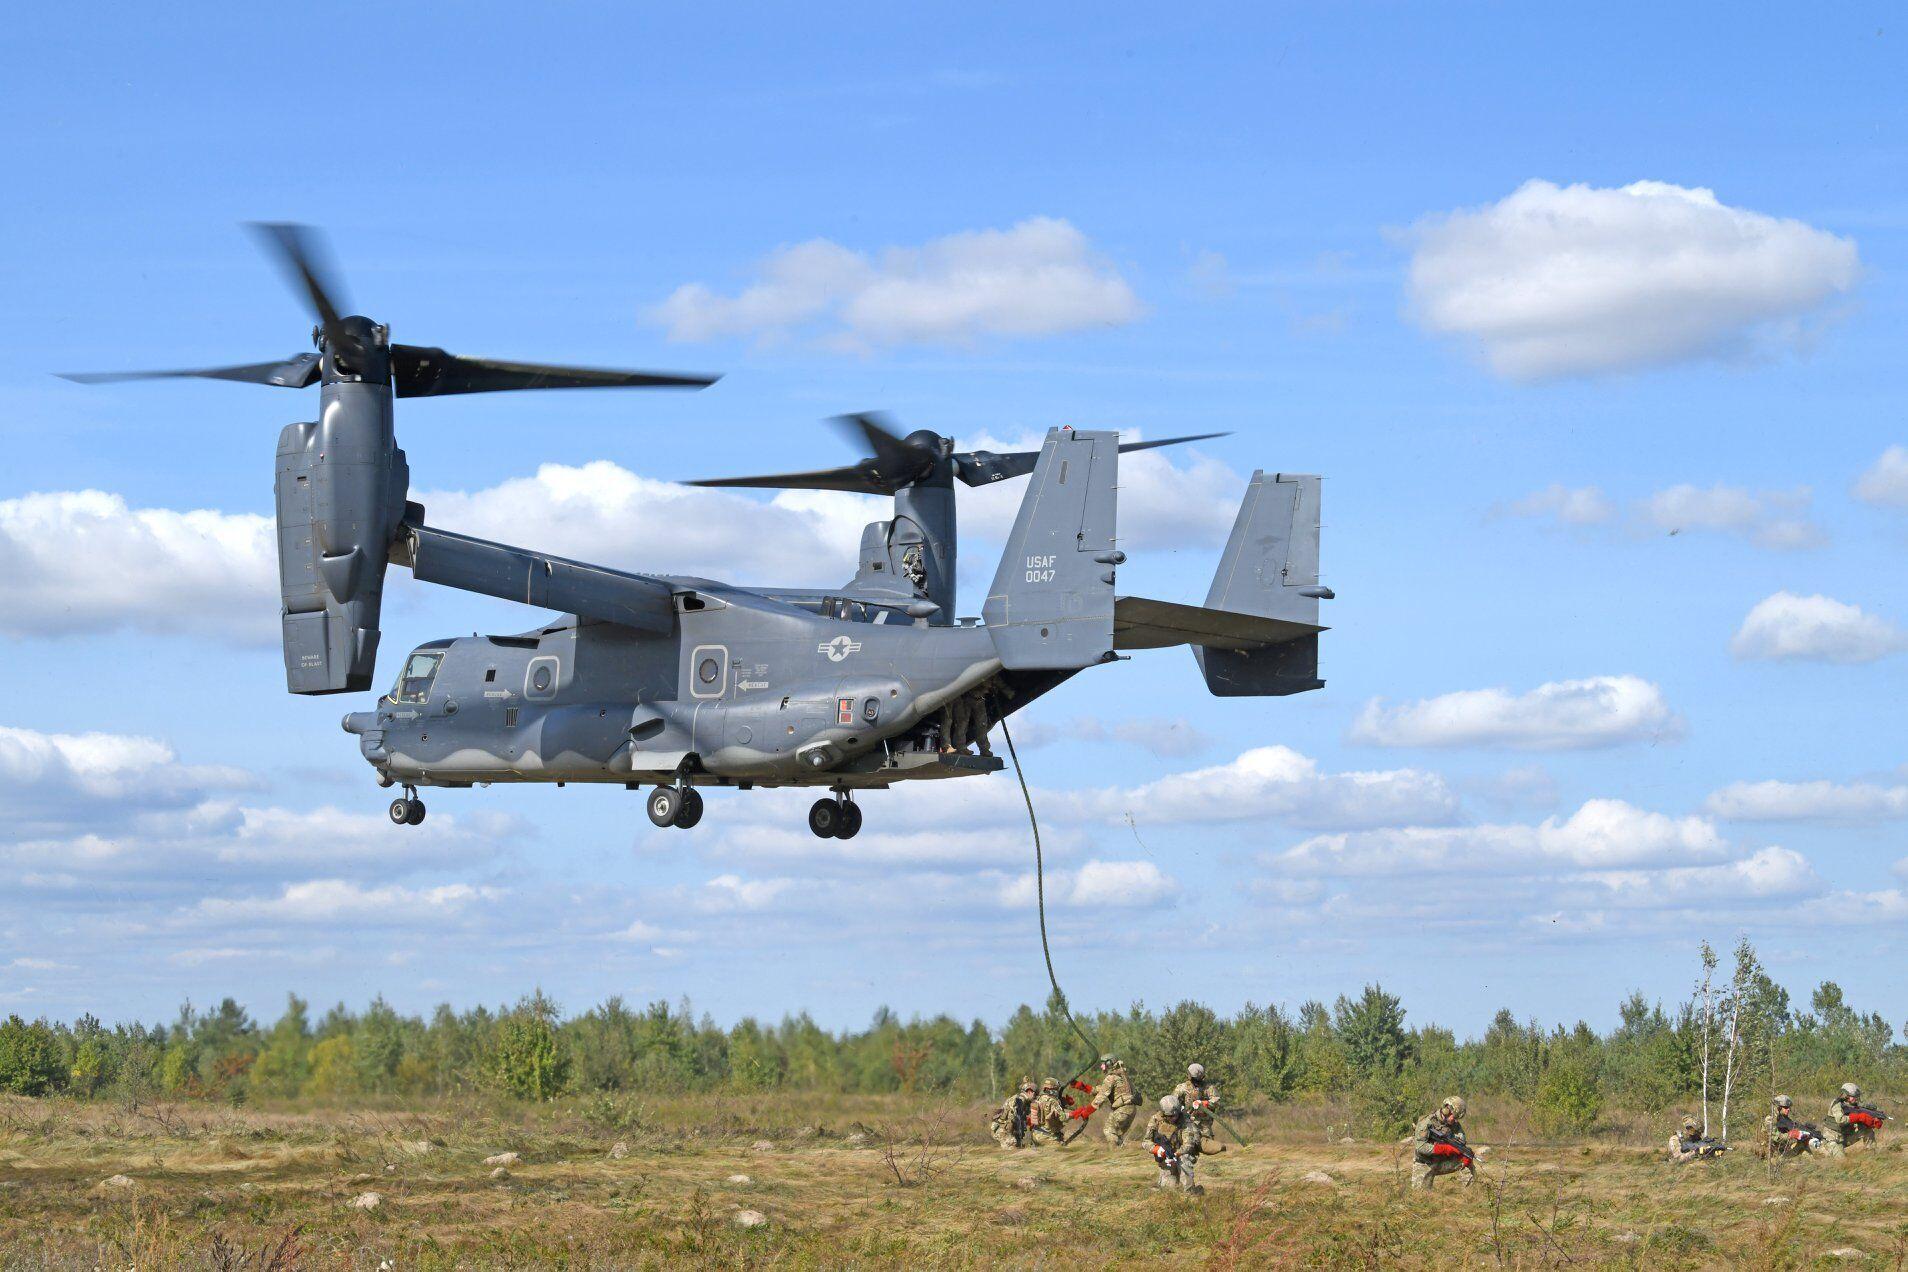 Спецназовцы ВСУ и их коллеги из США провели совместную тренировку.